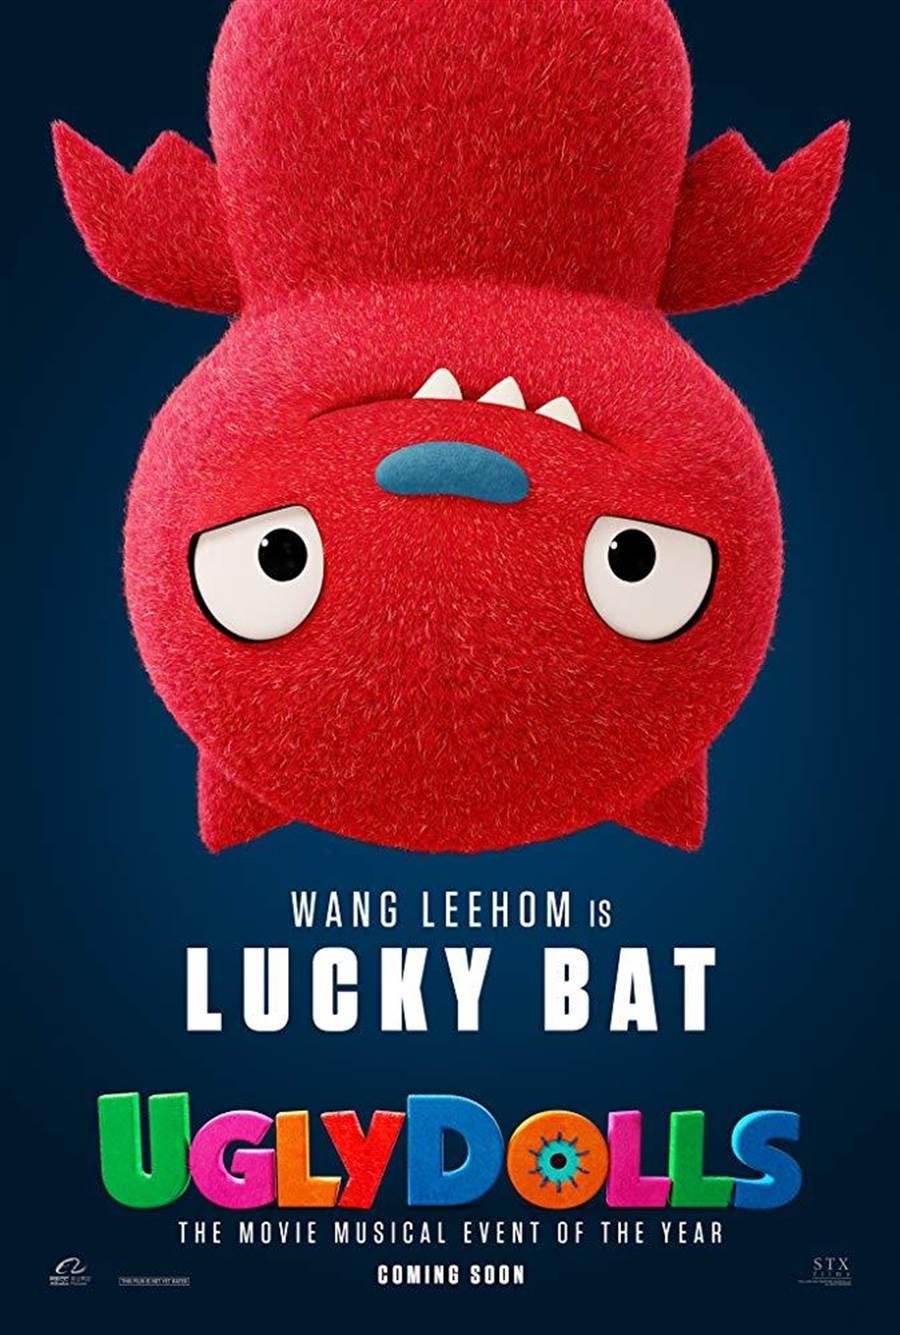 王力宏替紅色蝙蝠配音。(IMDB)